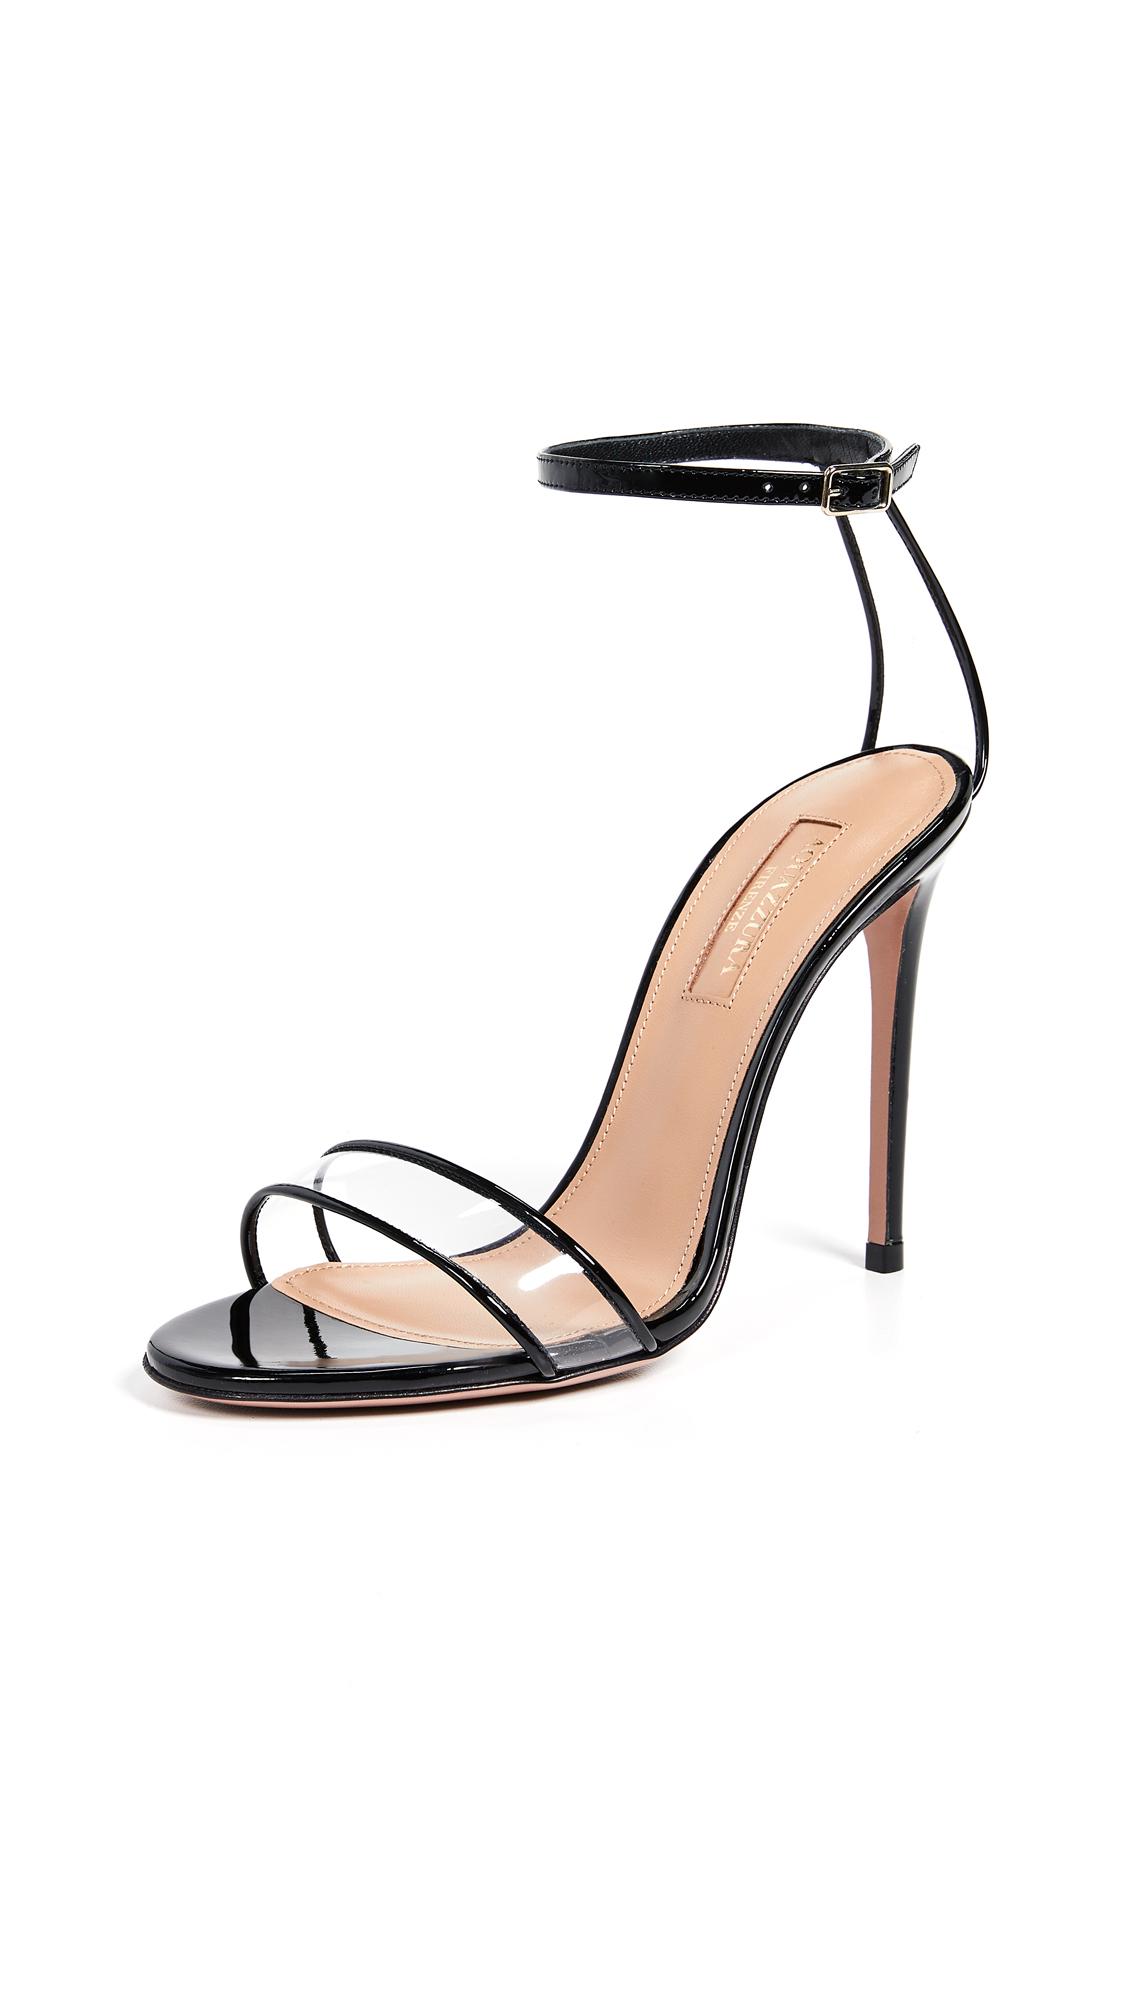 Aquazzura Minimalist 105 Sandals - Black